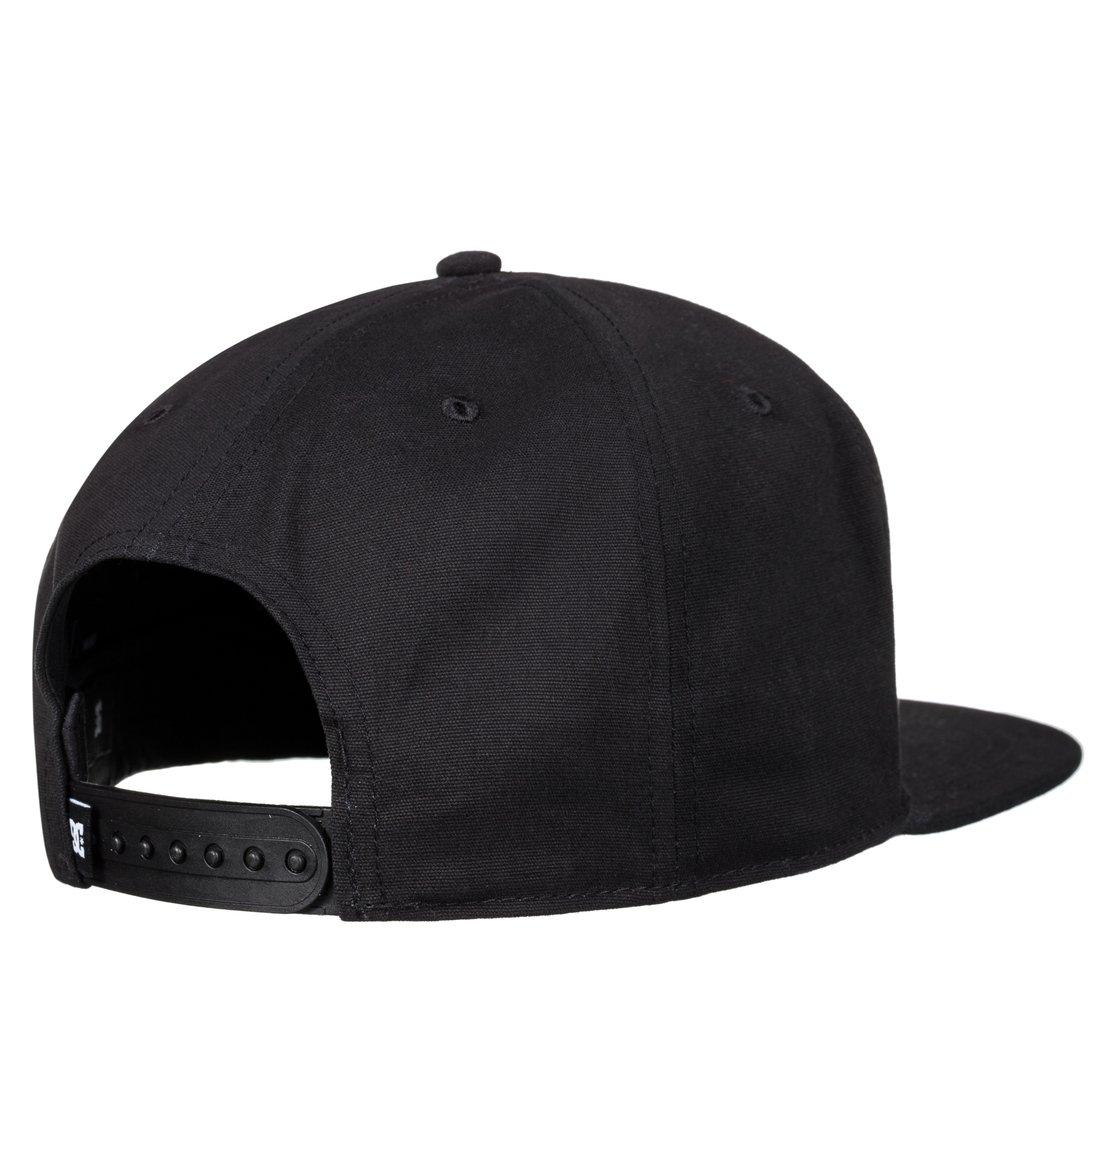 DC Shoes Men's Proceeder Snapback Hat Black